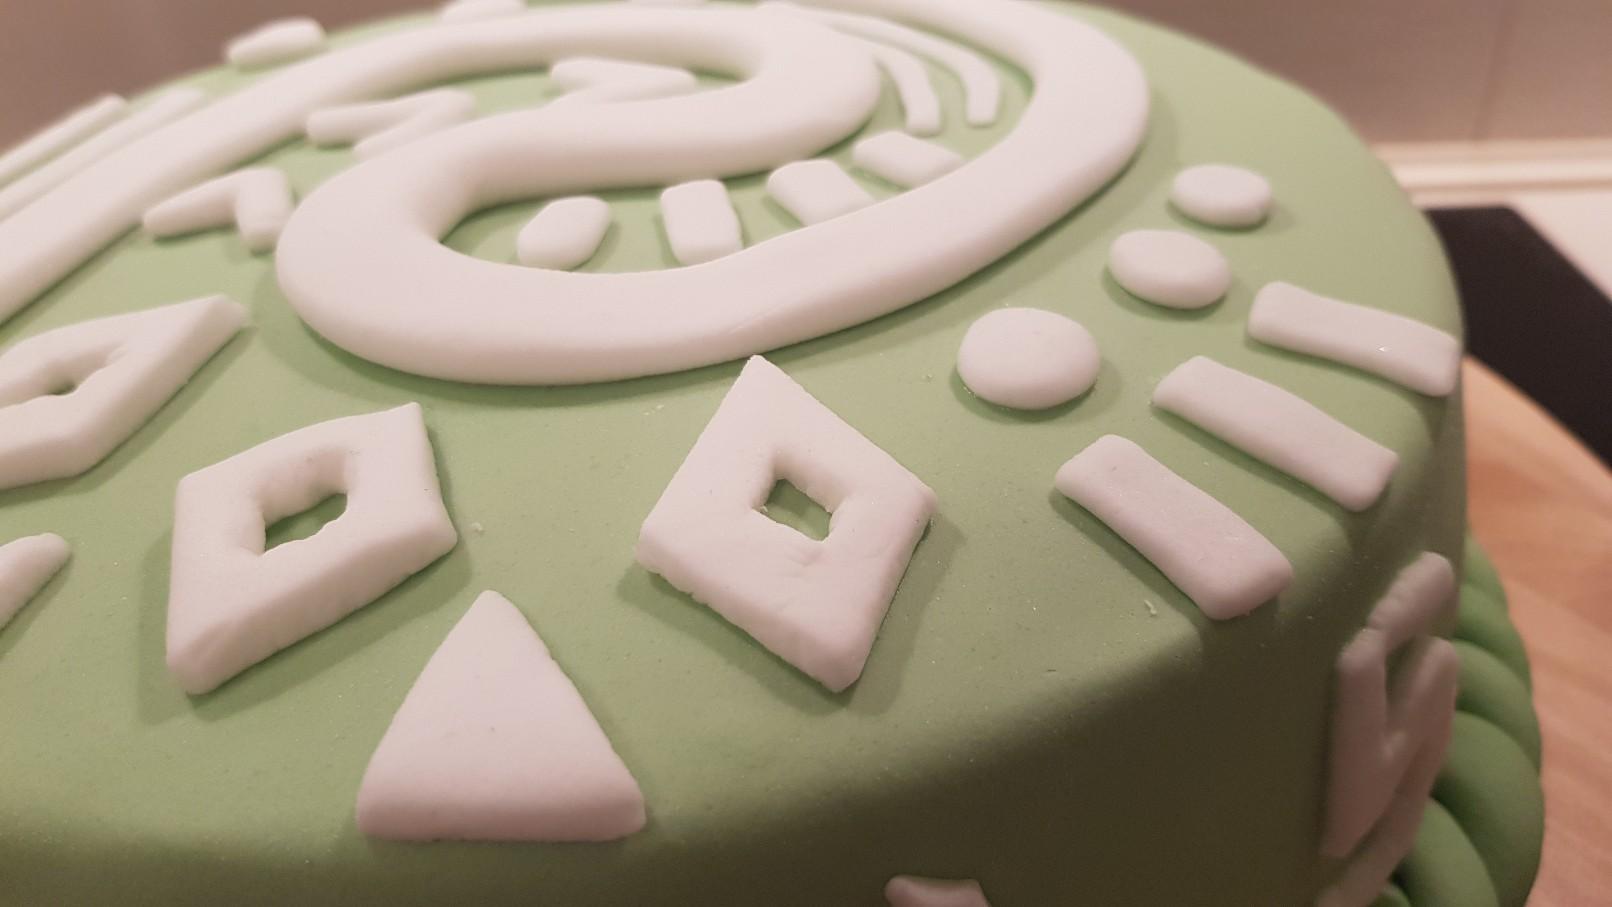 moana vaiana birthday cake step detail